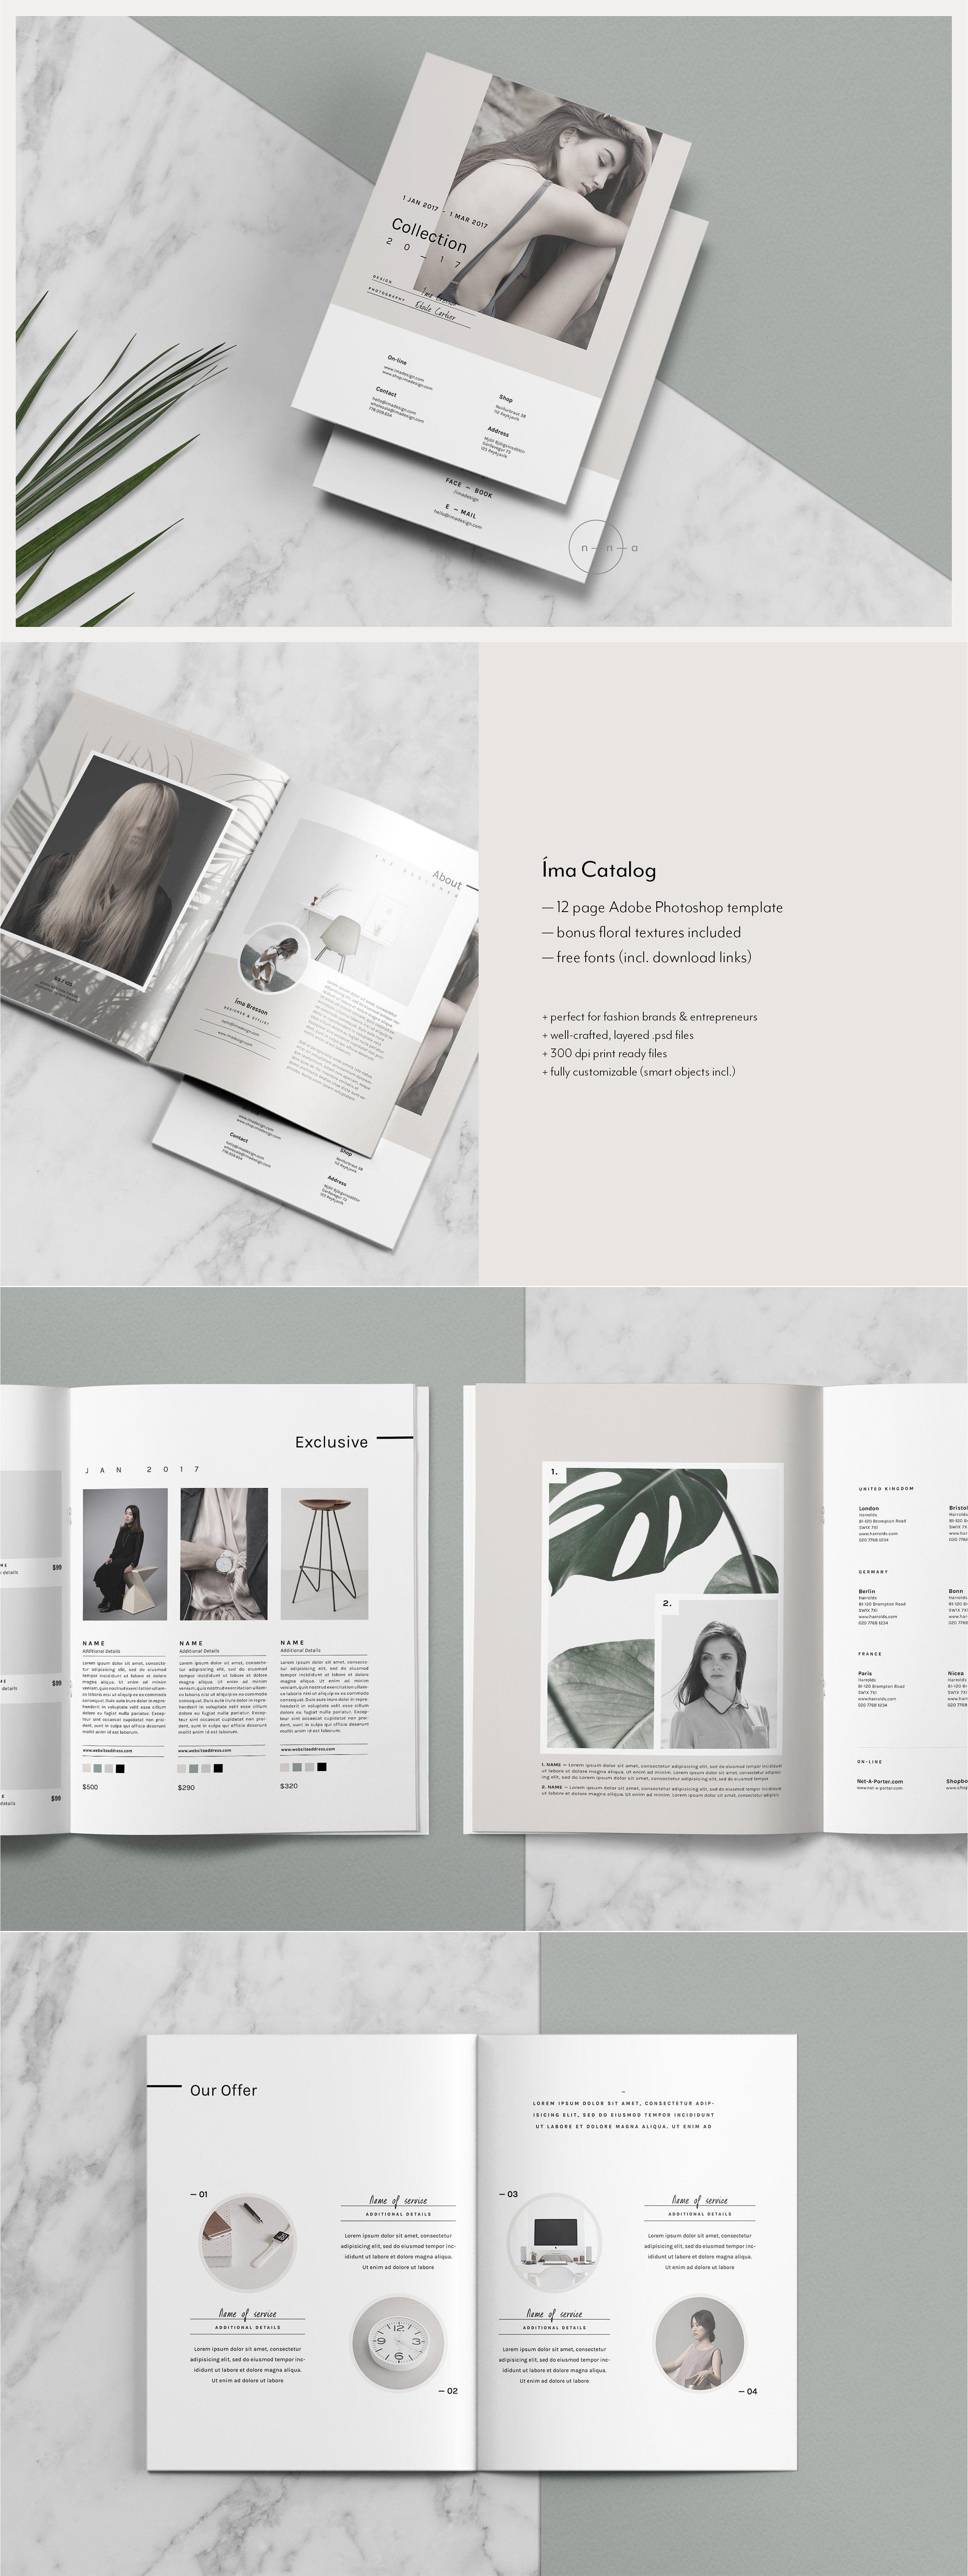 Catalog Magazine PSD ma by Nonola on creativemarket